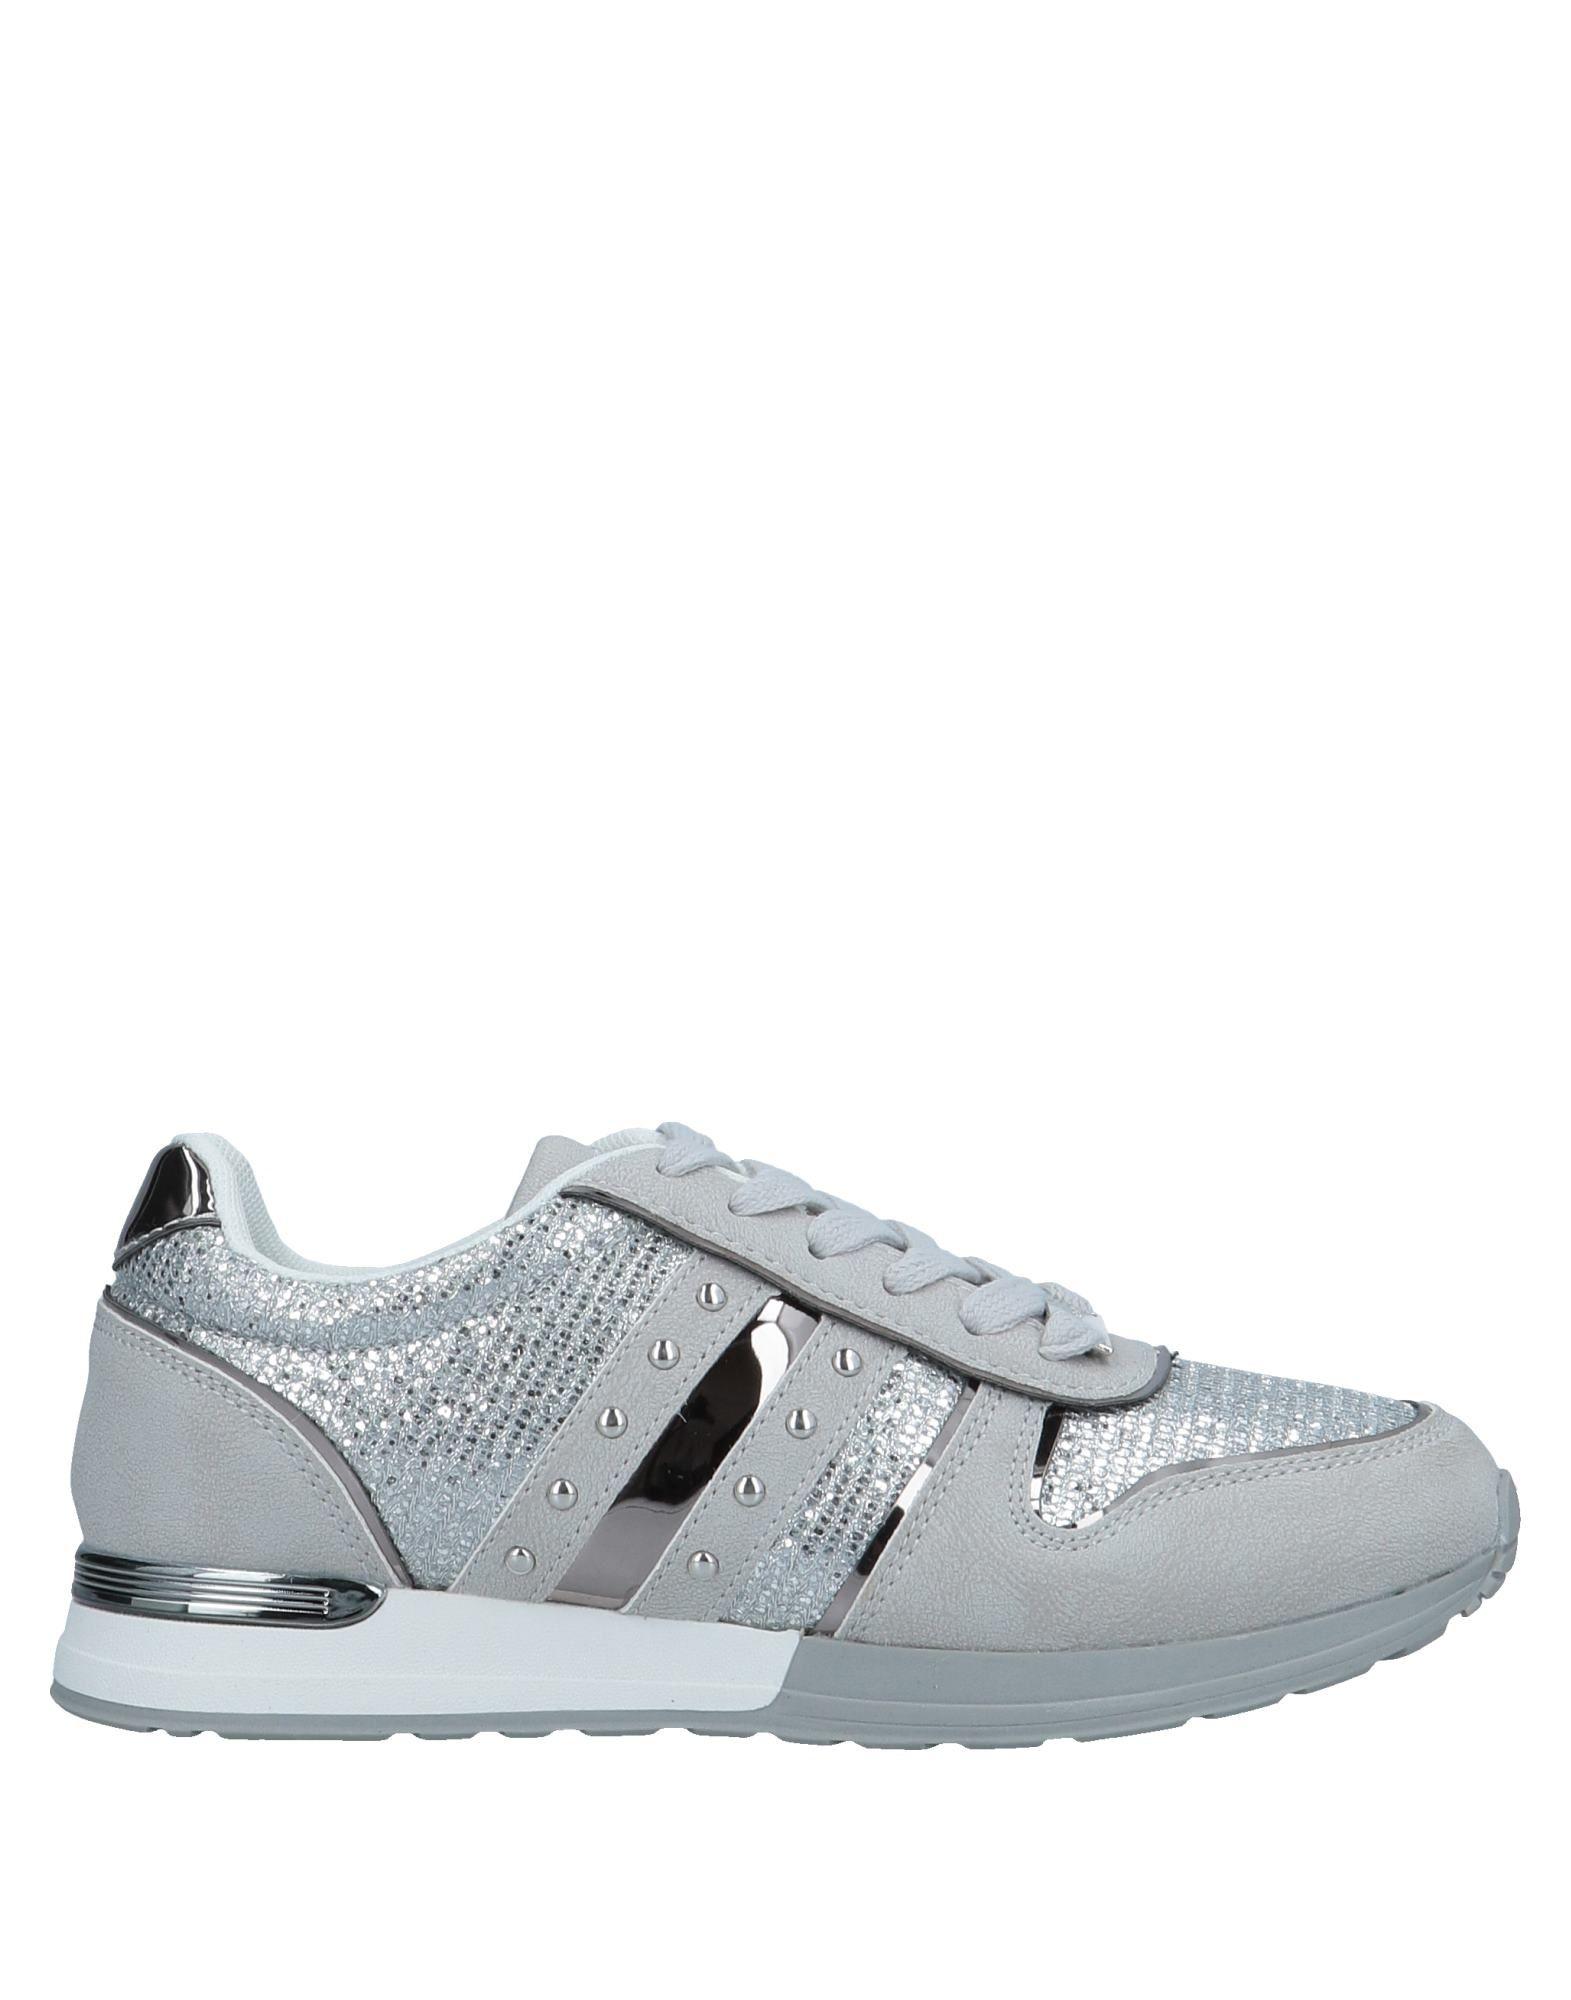 Laura Biagiotti Biagiotti Sneakers - Women Laura Biagiotti Biagiotti Sneakers online on  United Kingdom - 11570115UV 9d6388